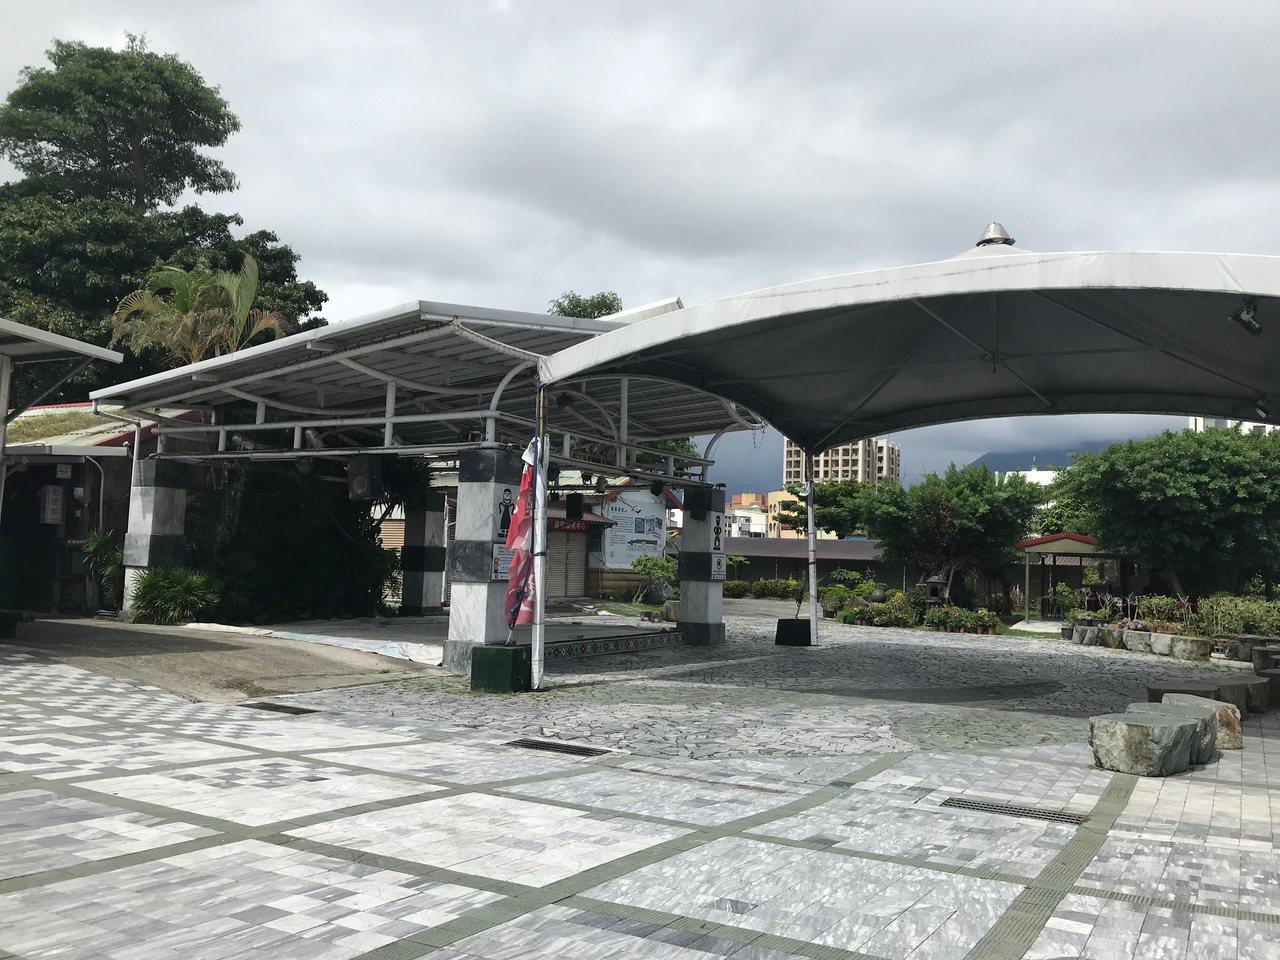 經協商後,台鐵同意花蓮石藝大街商家在修復完畢後,原地繼續經營。記者王思慧/攝影